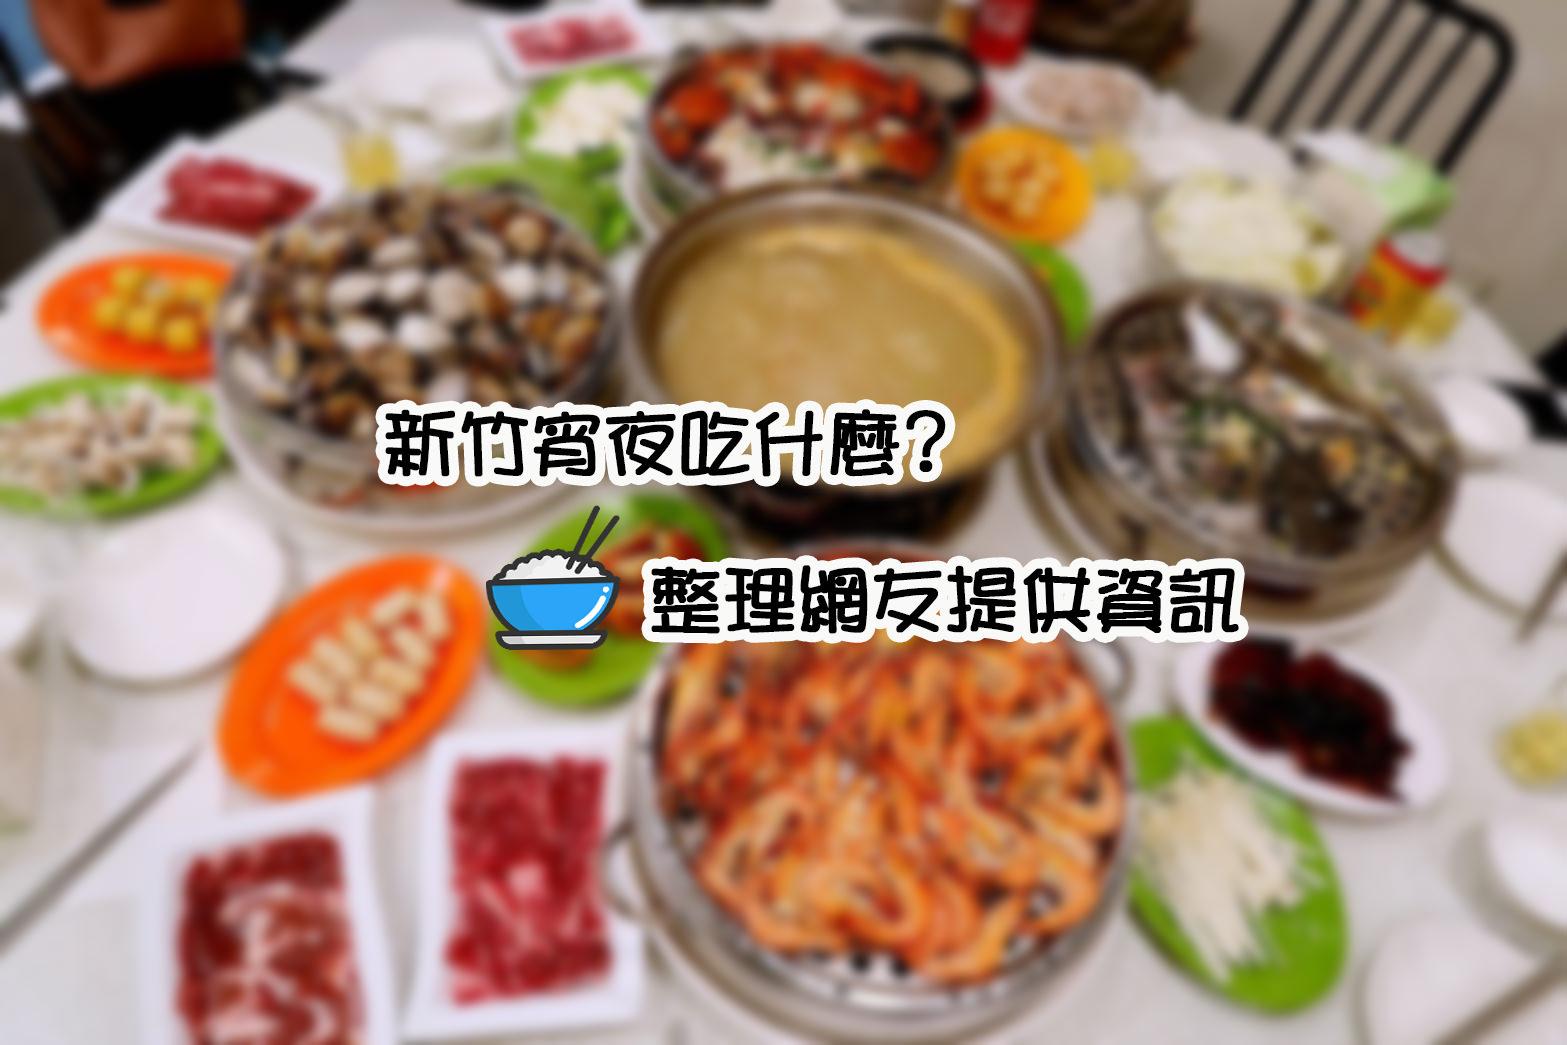 新竹宵夜吃什麼?半夜肚子餓請看這篇消夜大集合